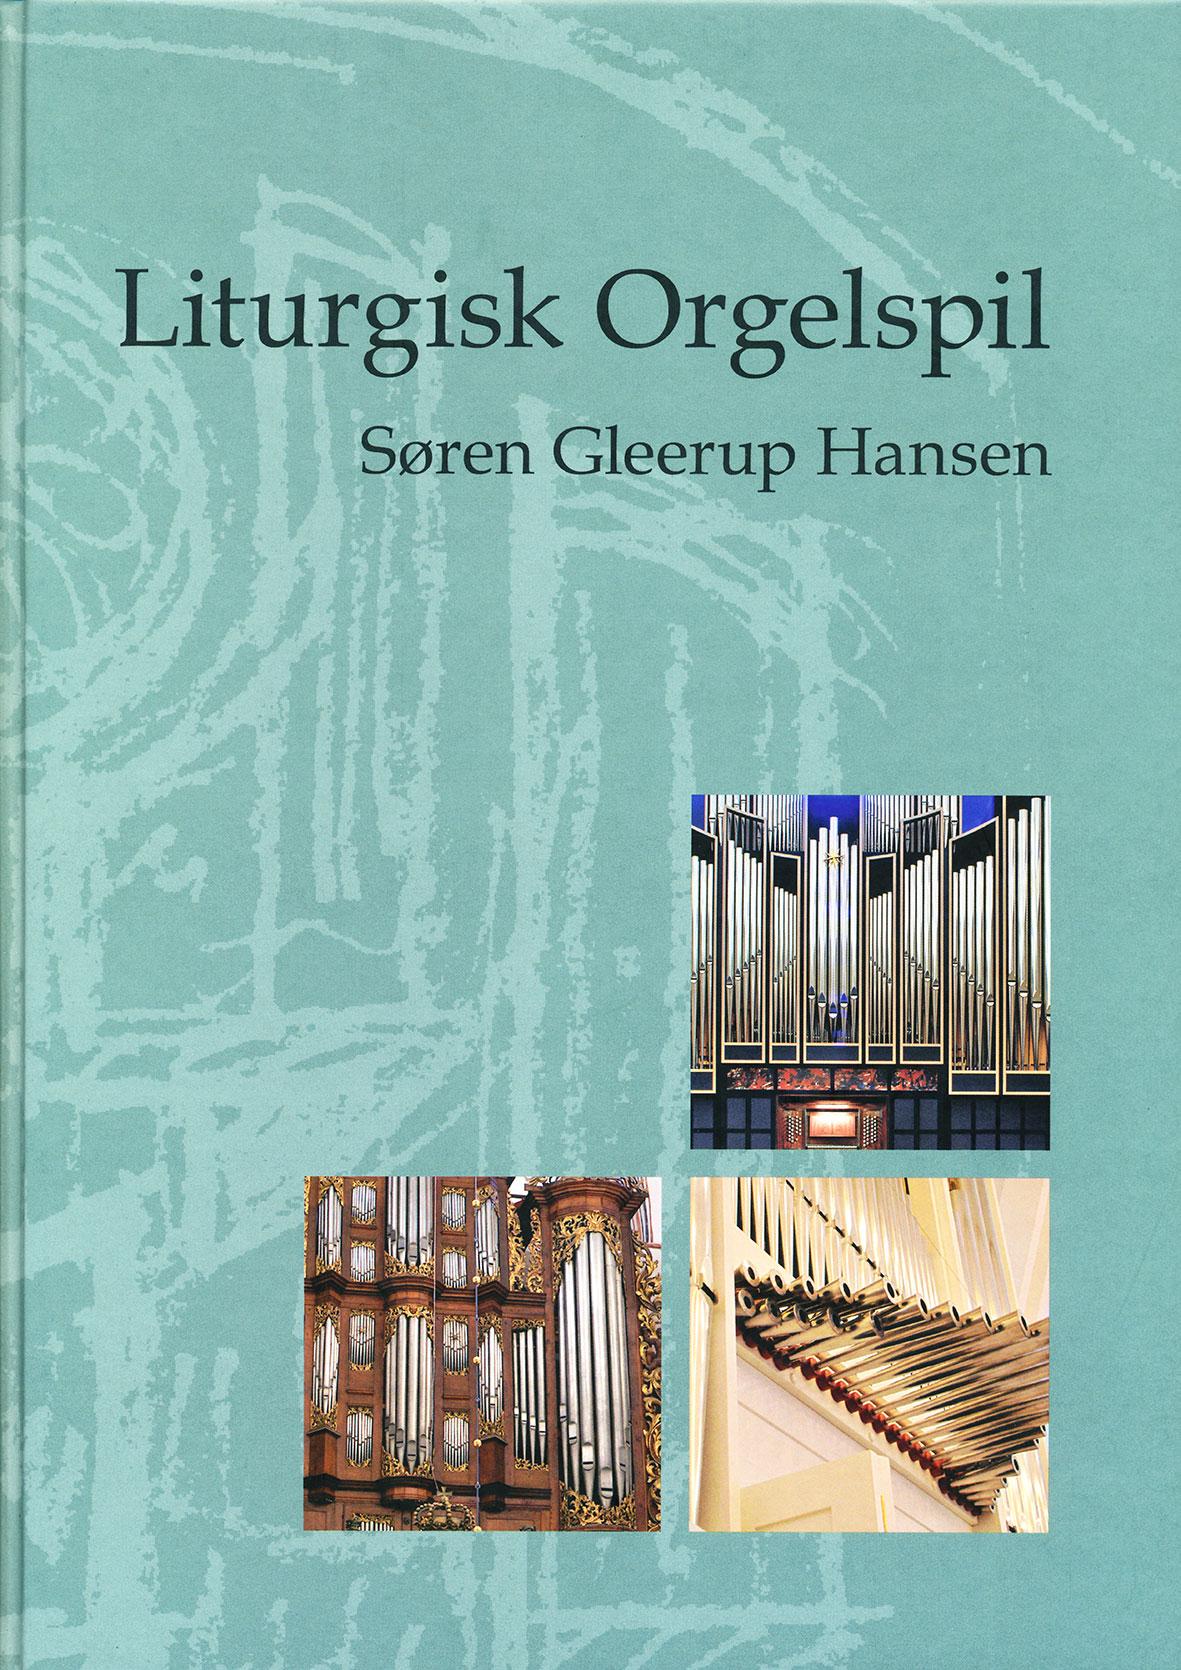 Liturgisk Orgelspil